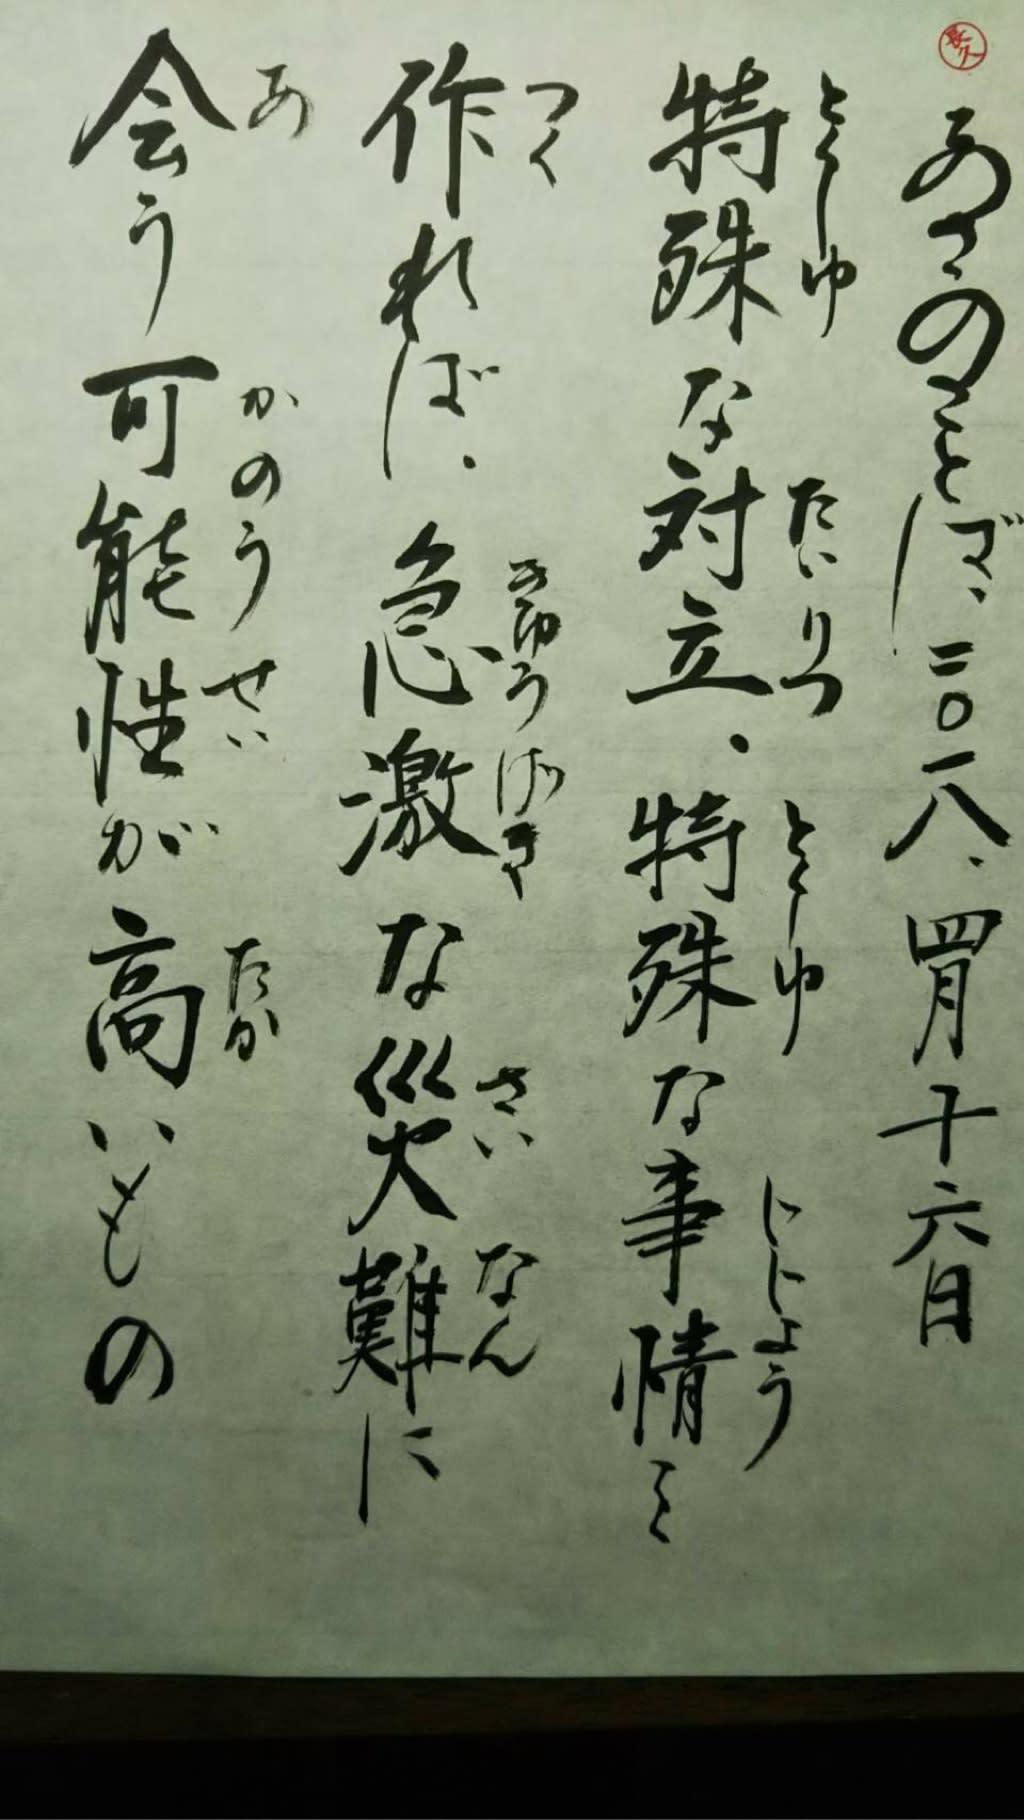 4/16 感情の対立 - 天地公道(幸せに生きる道)